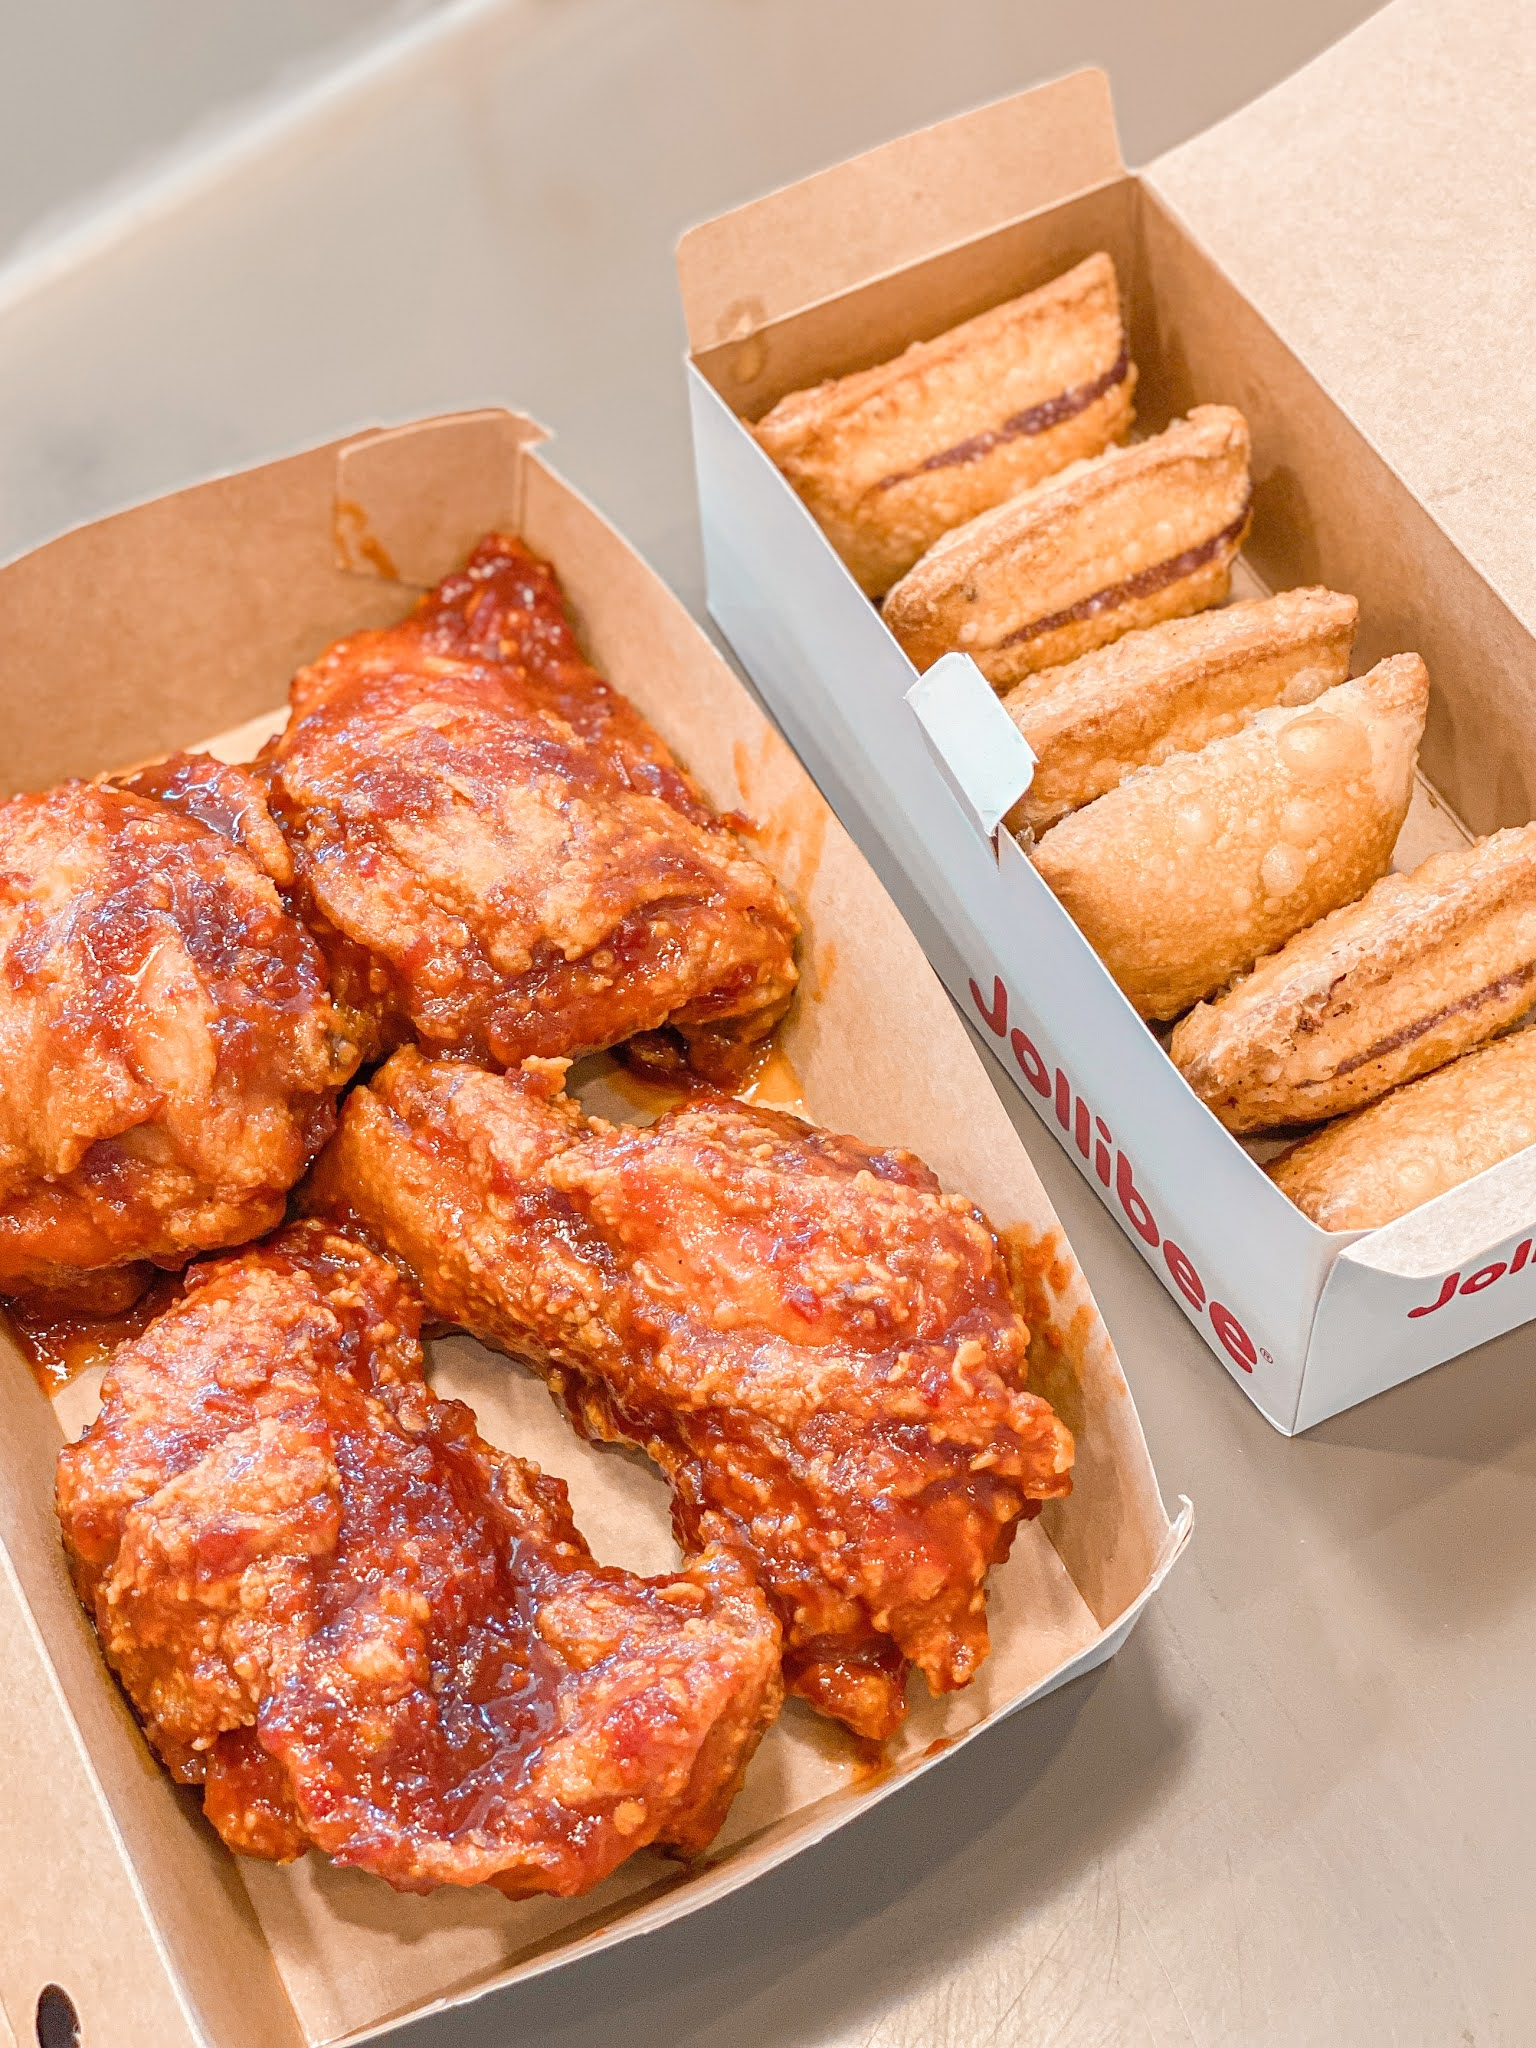 Jollibee's Sweet Chili Chicken and Ube Cheese Pie